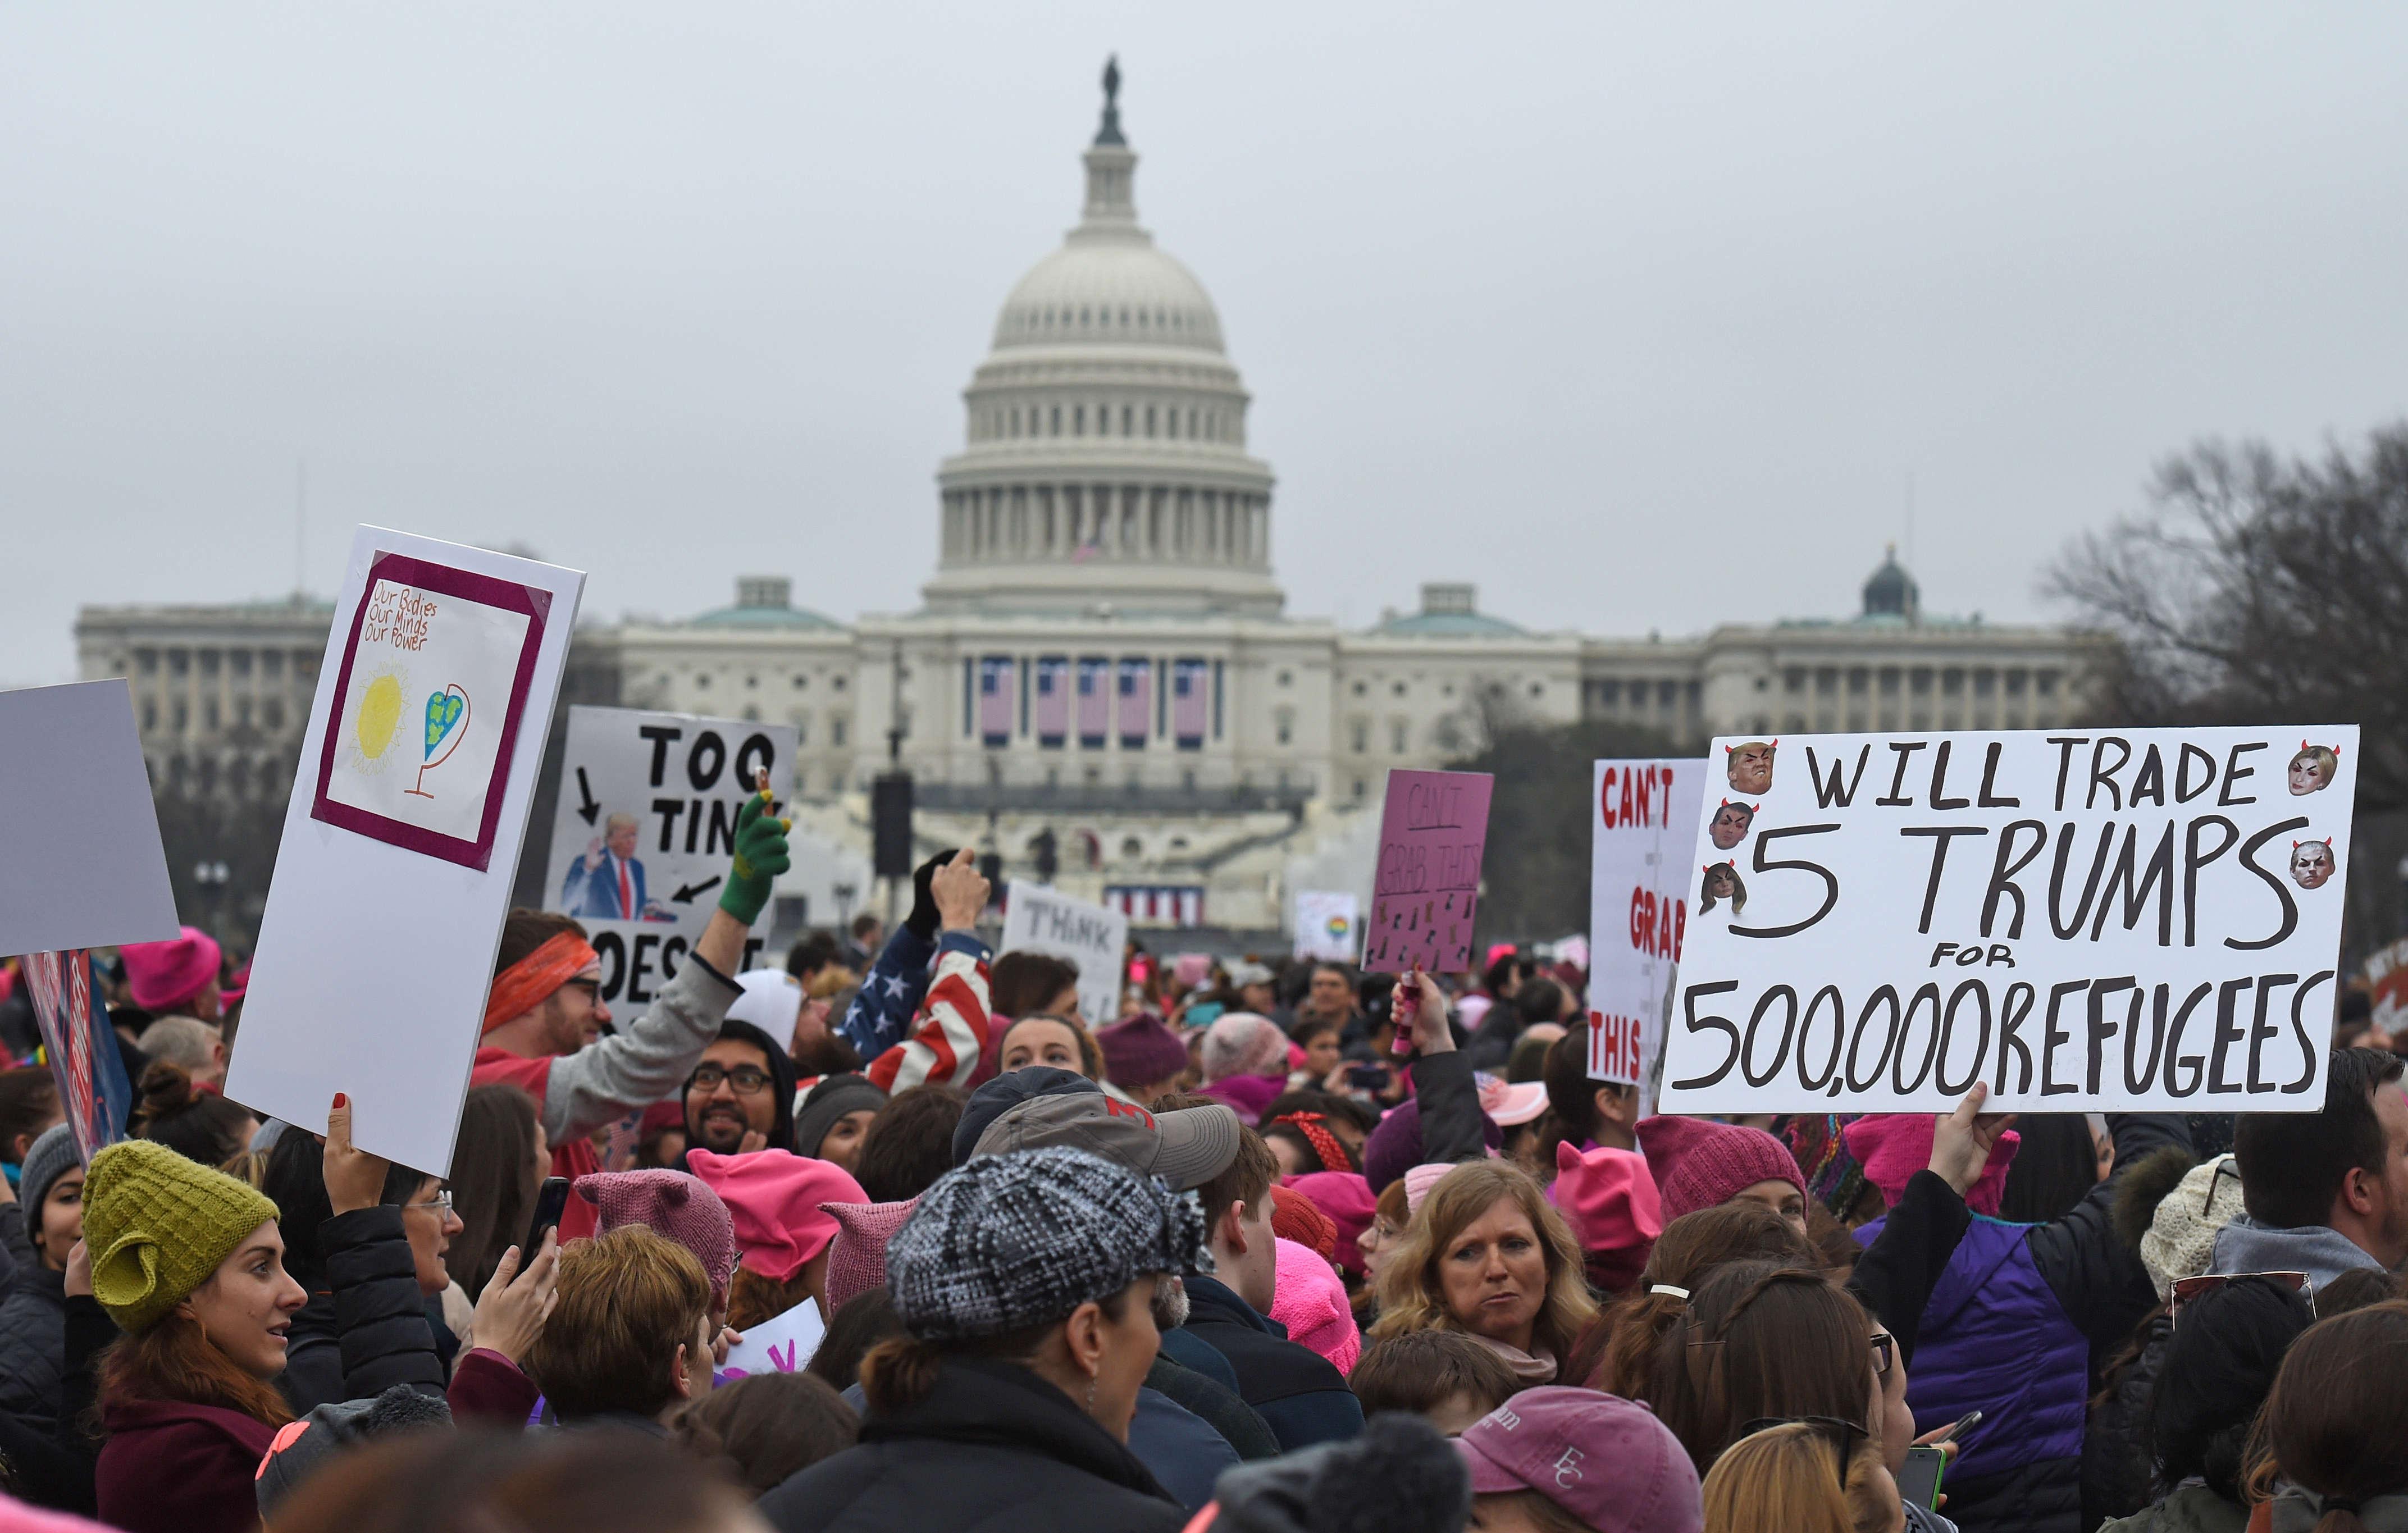 Les responsables locaux estiment que la foule pourrait dépasser les un million de personnes à Washington.